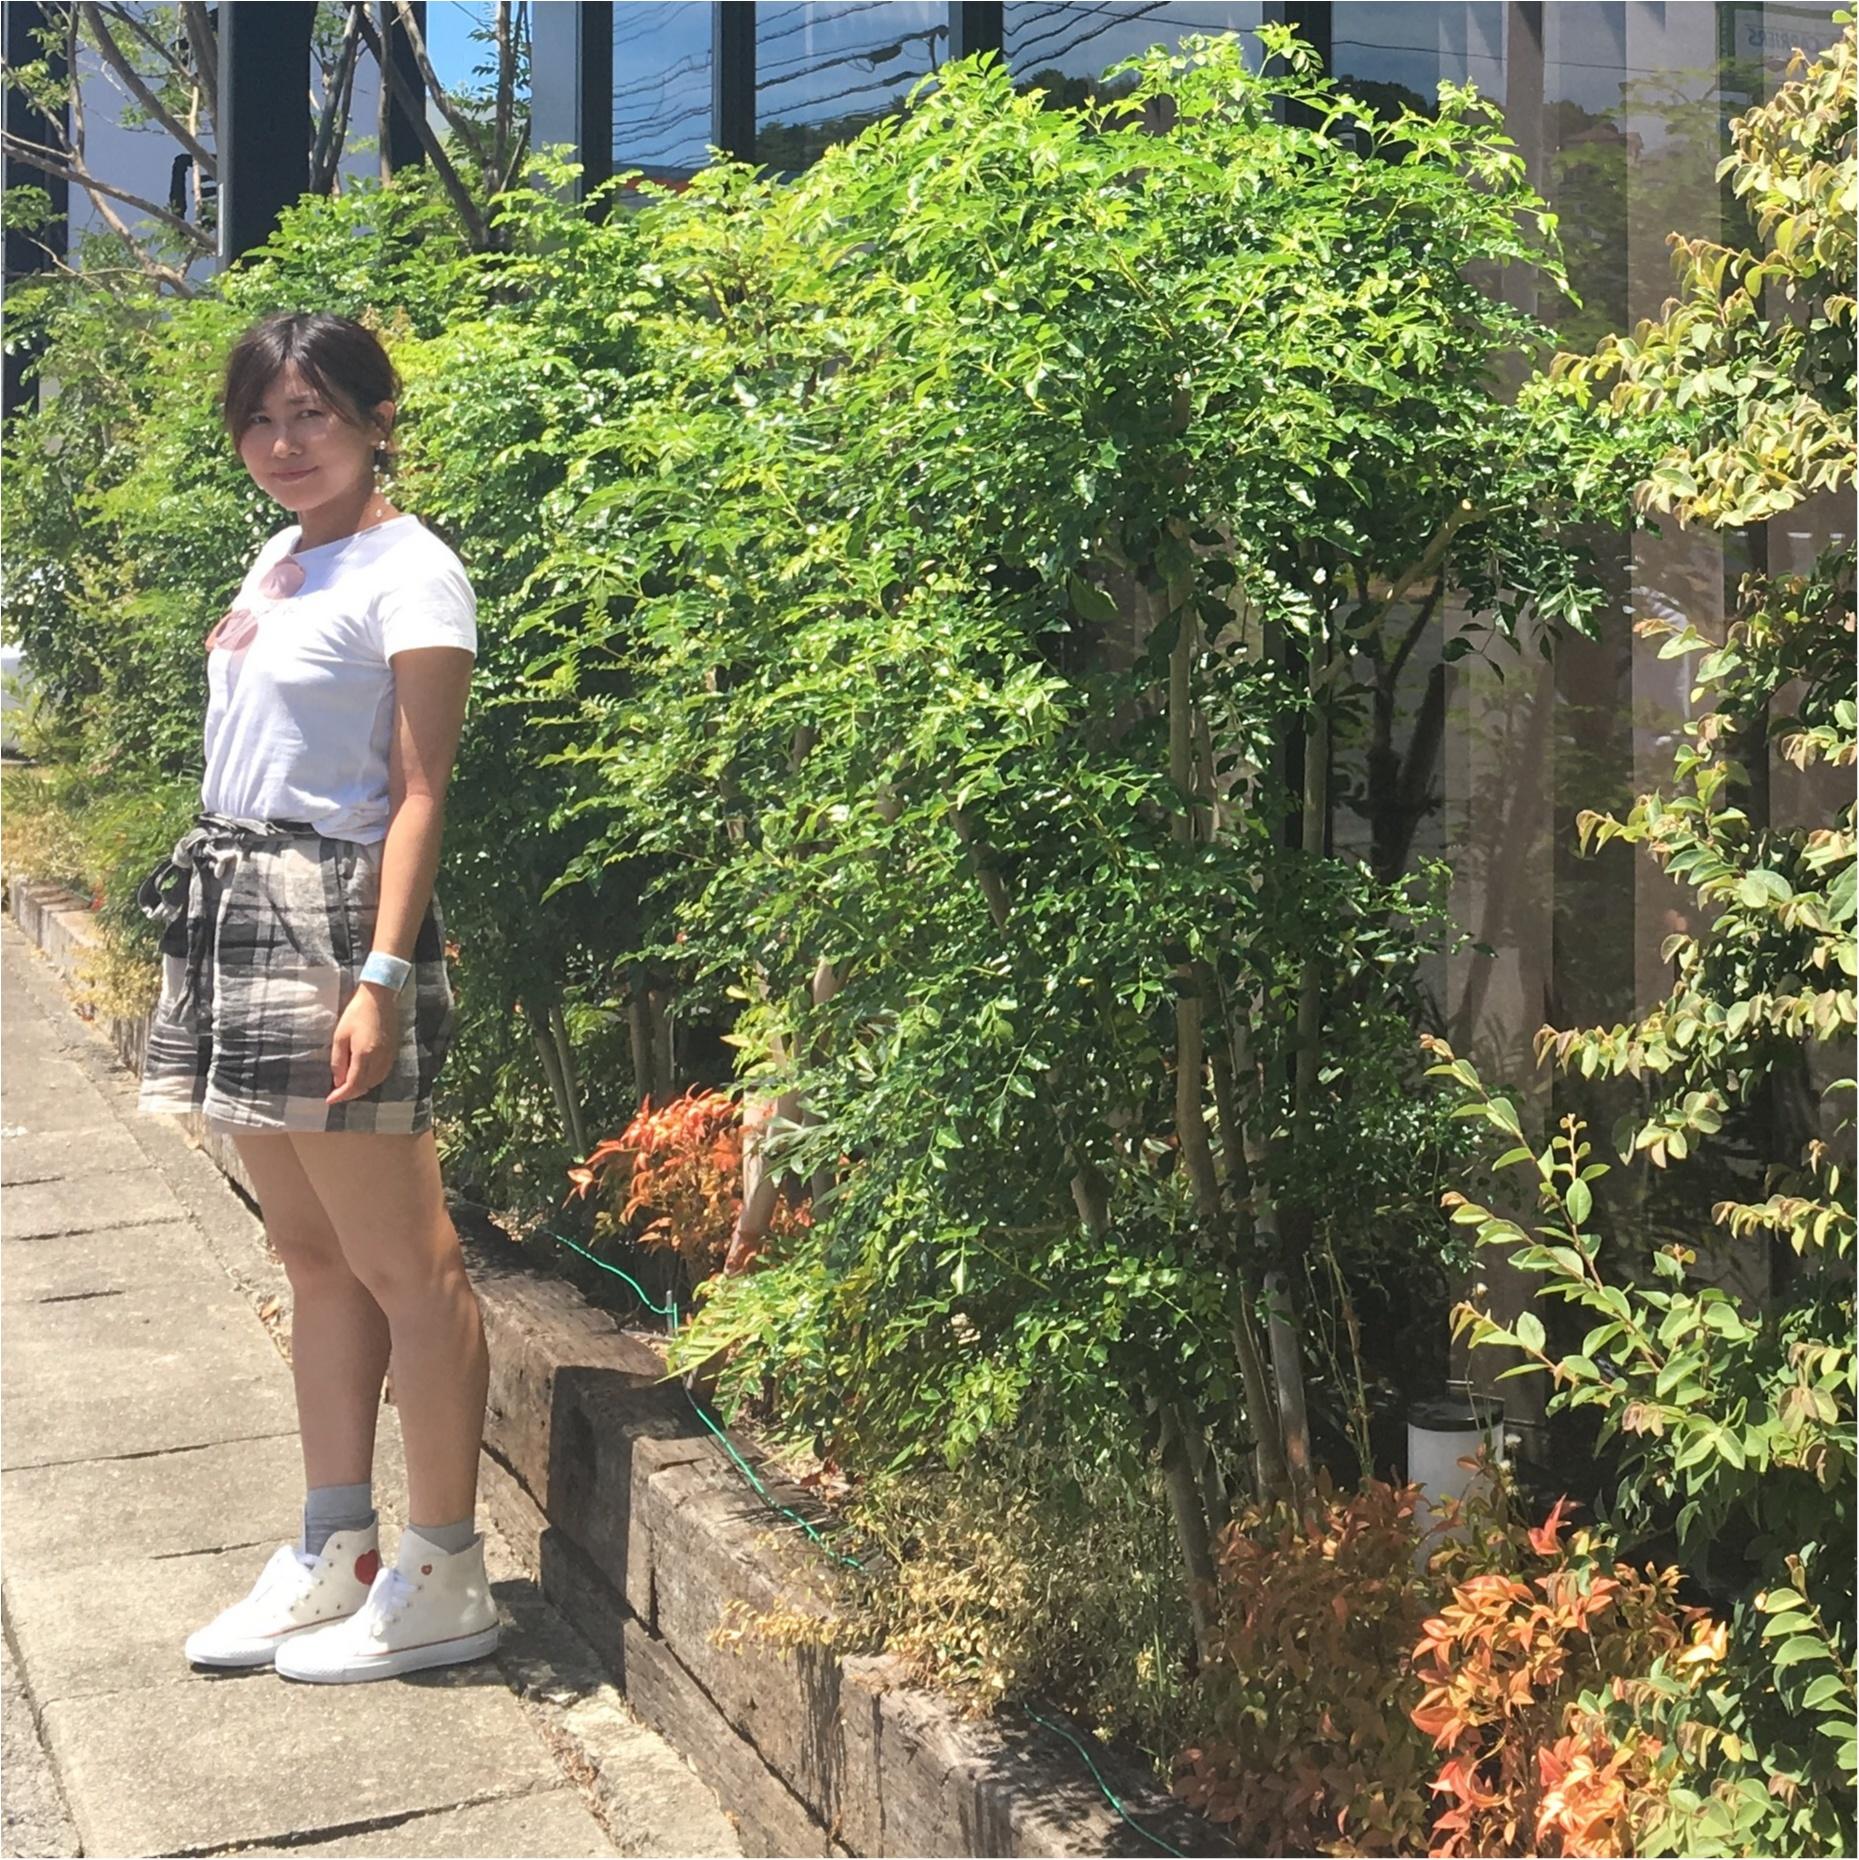 【今週のコーデまとめ】夏休みスペシャル!甘めカジュアル派の7days_4